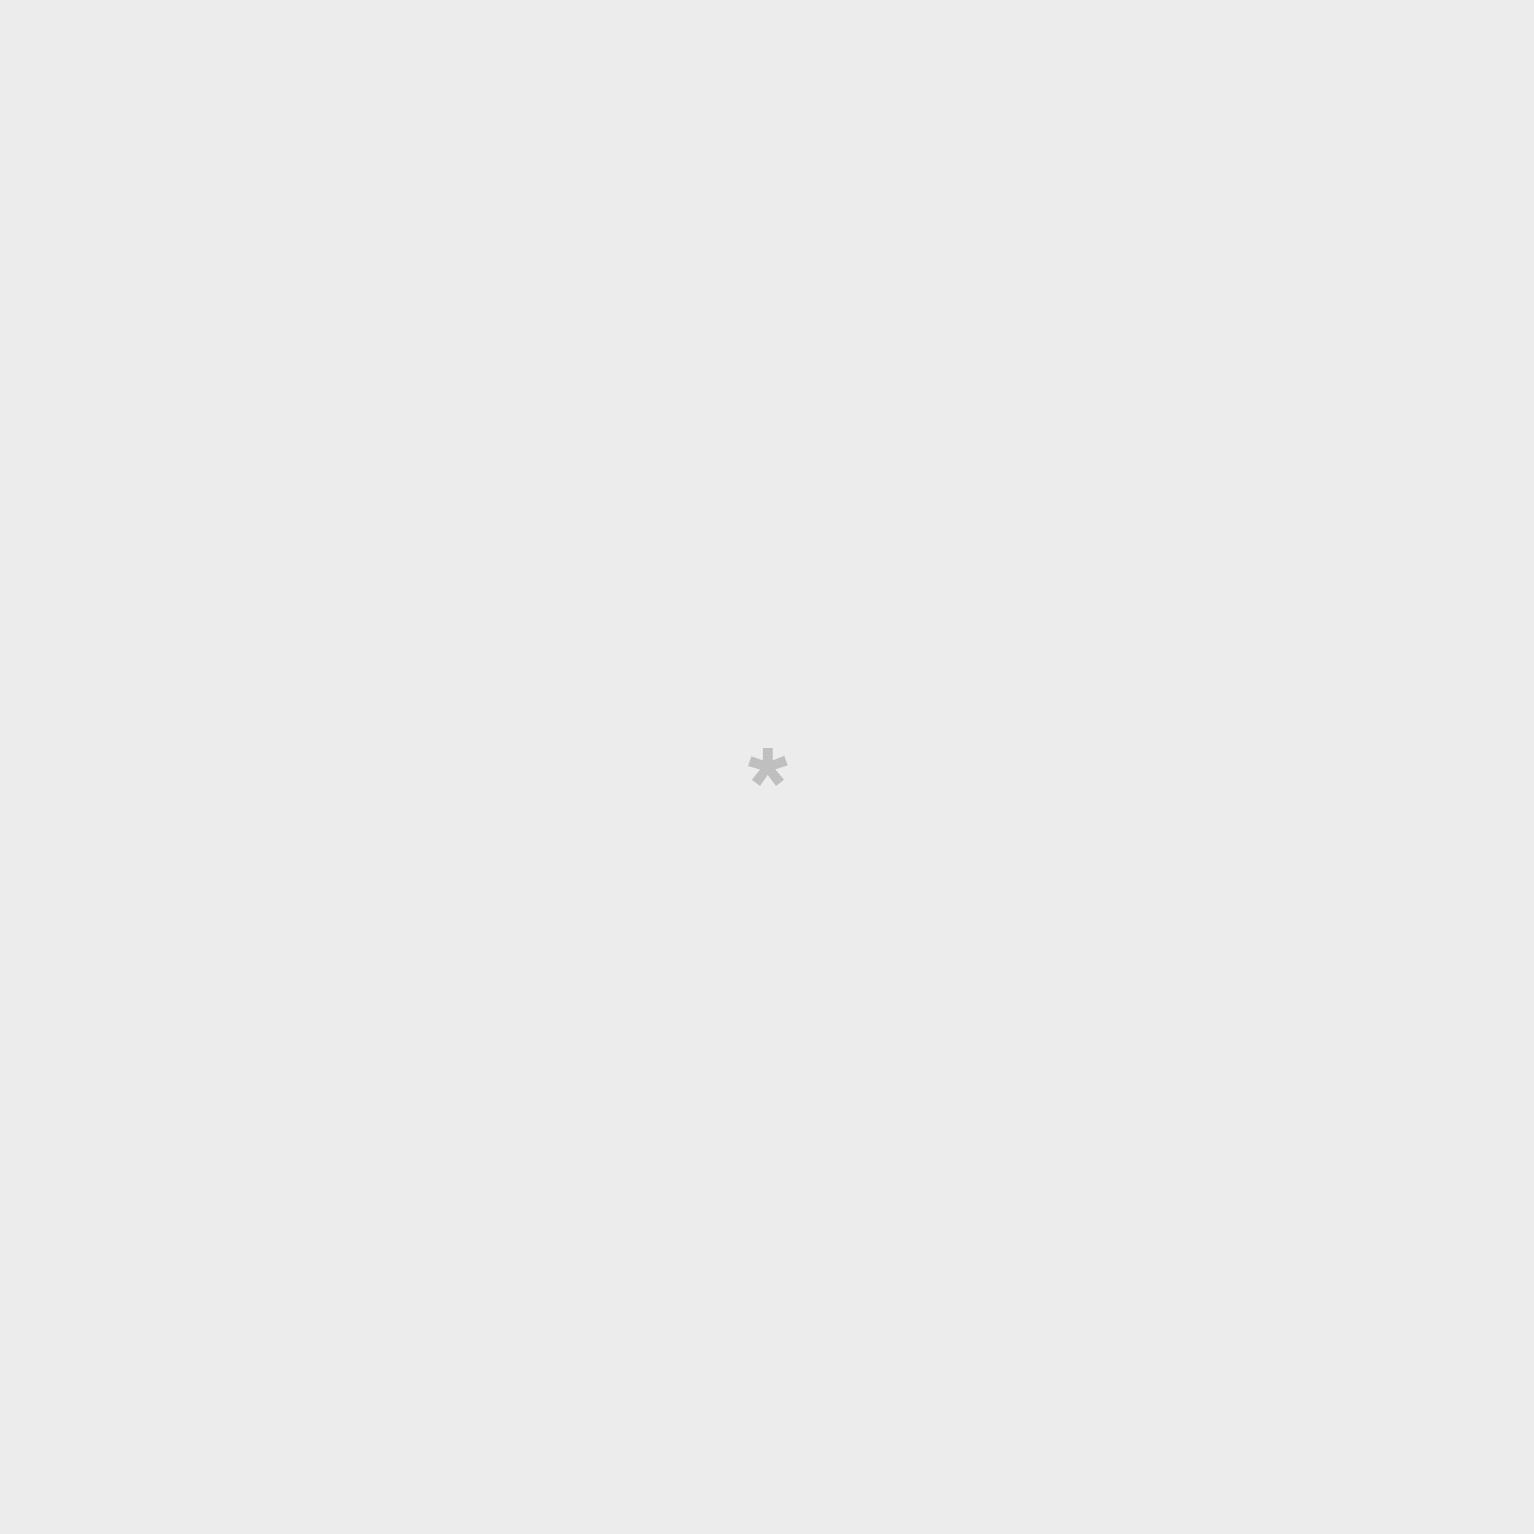 Agenda clásica 2021-2022 Semana vista - Tu aventura empieza aquí